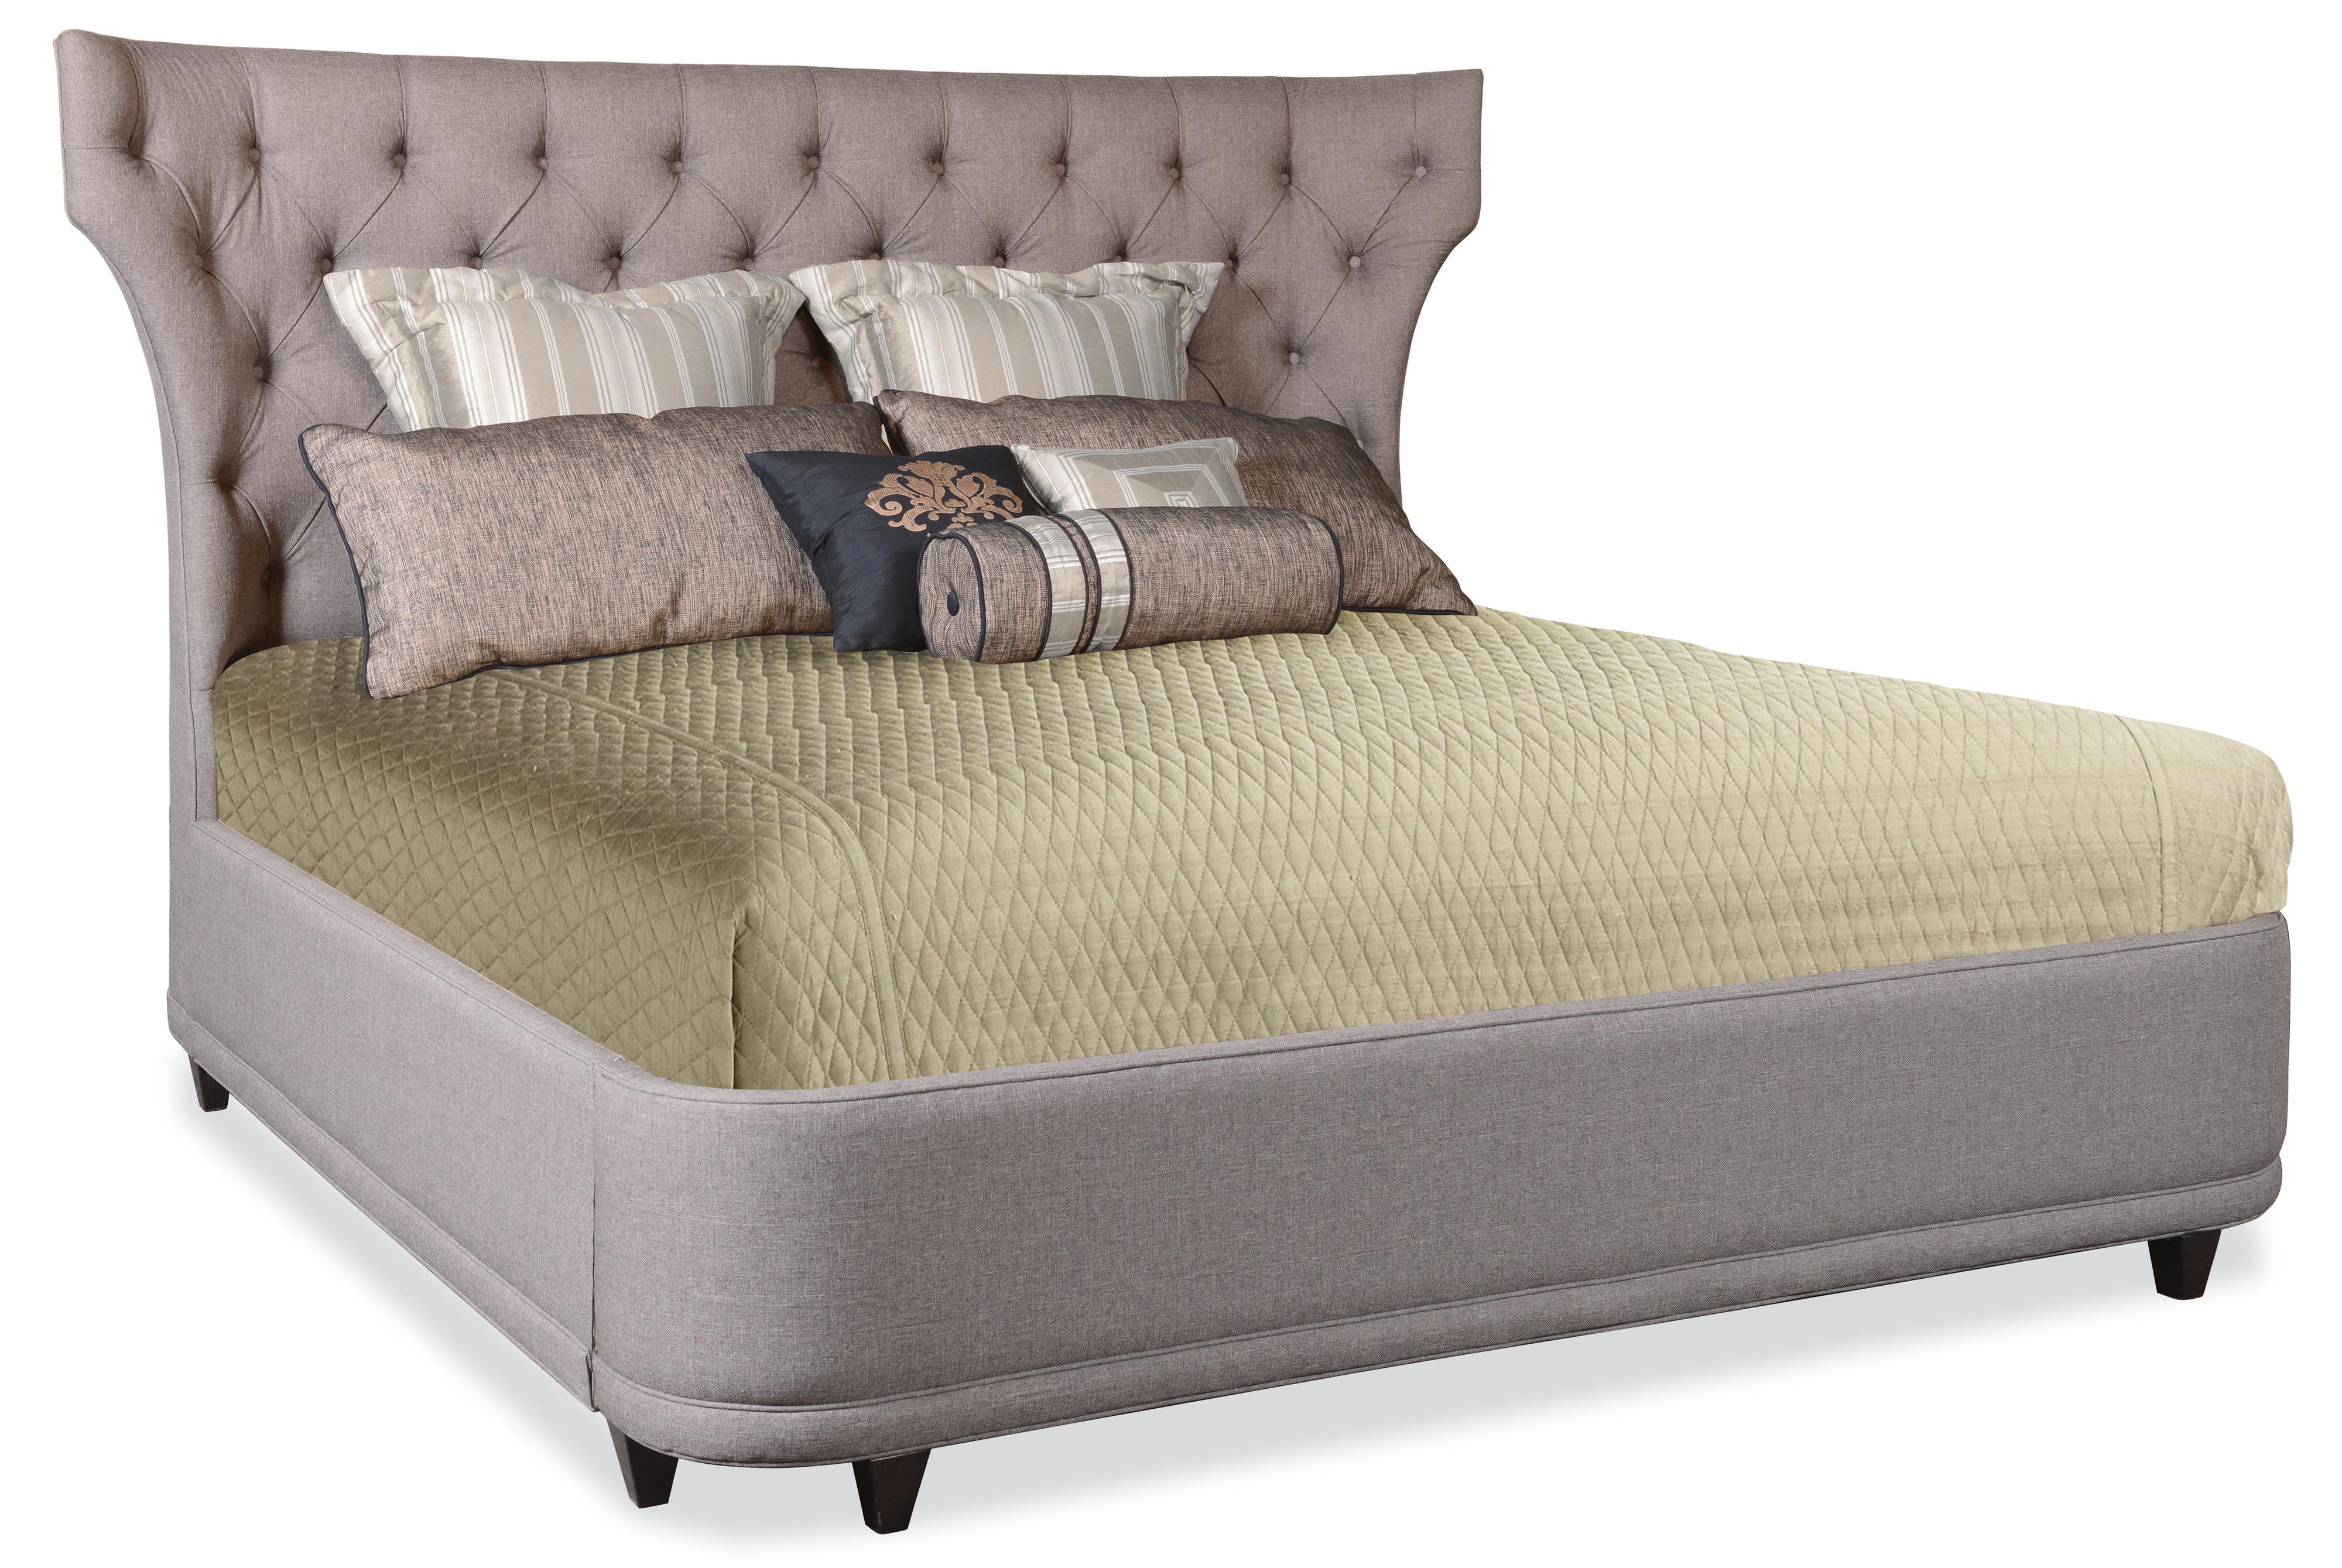 Barcelona Designer Bed Frame